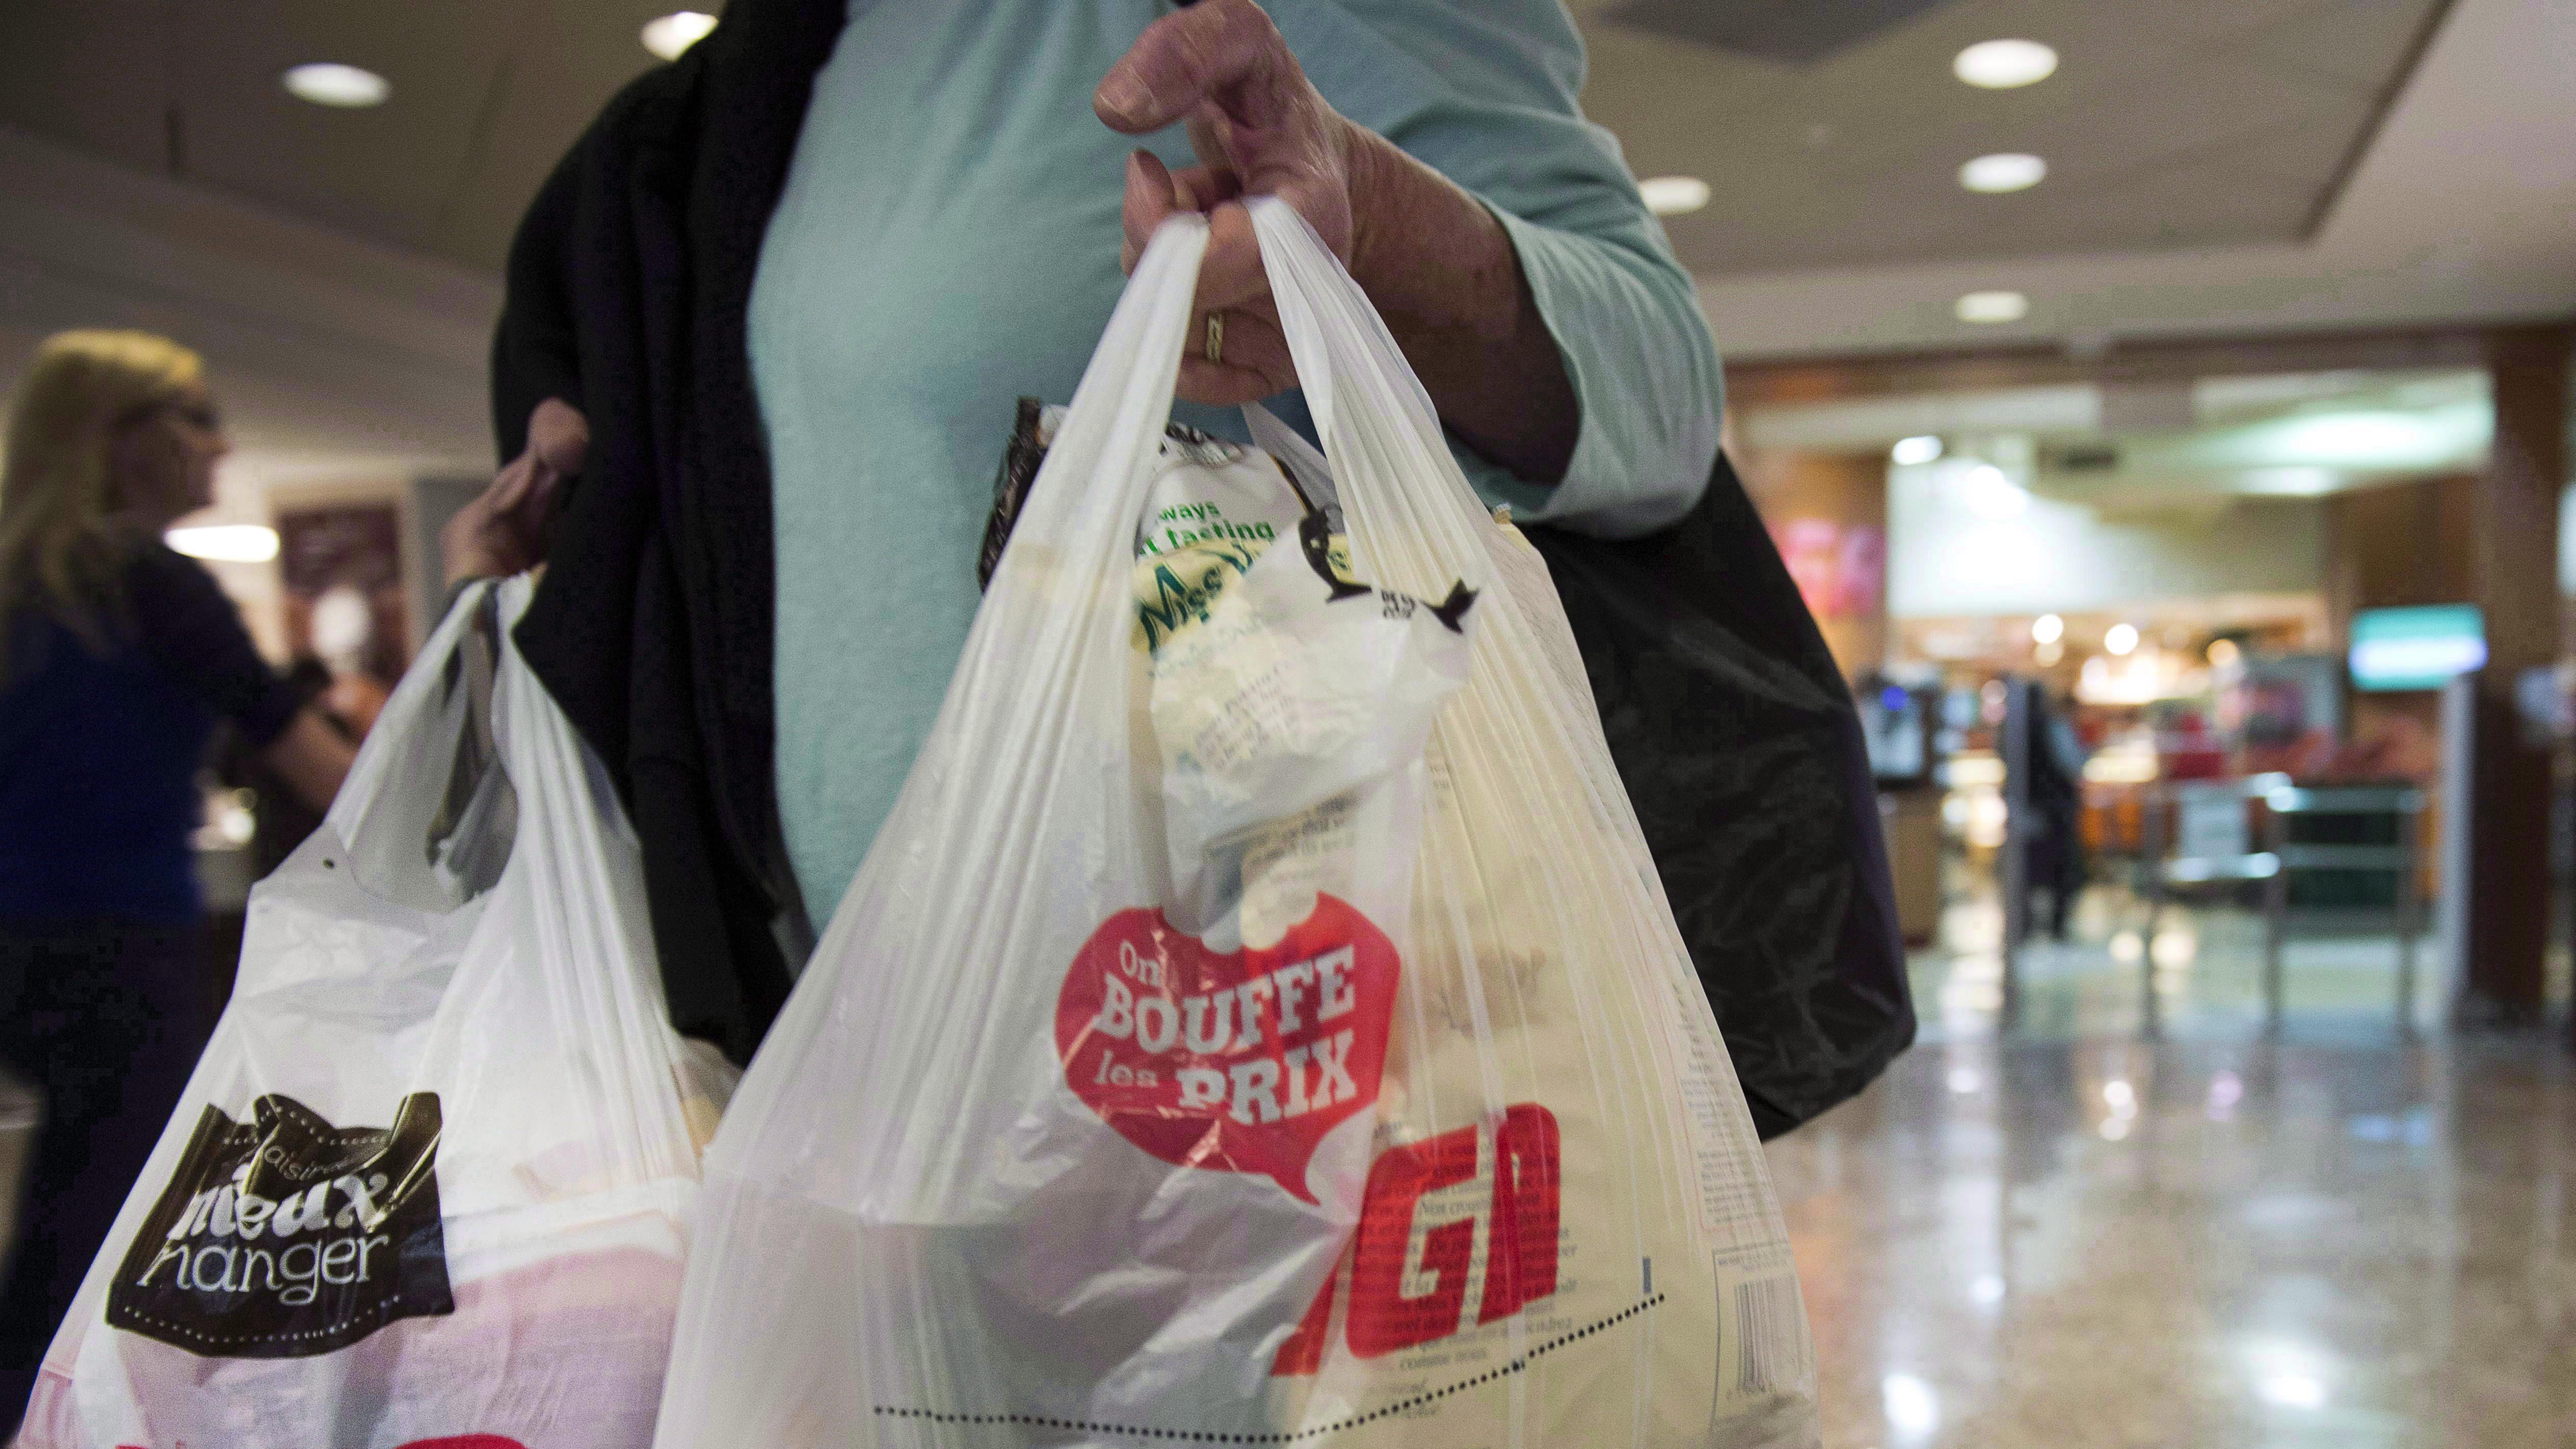 Plastiques Seul Cavalier L'utilisation Dans Des Sacs Winnipeg Fait PkuXZi